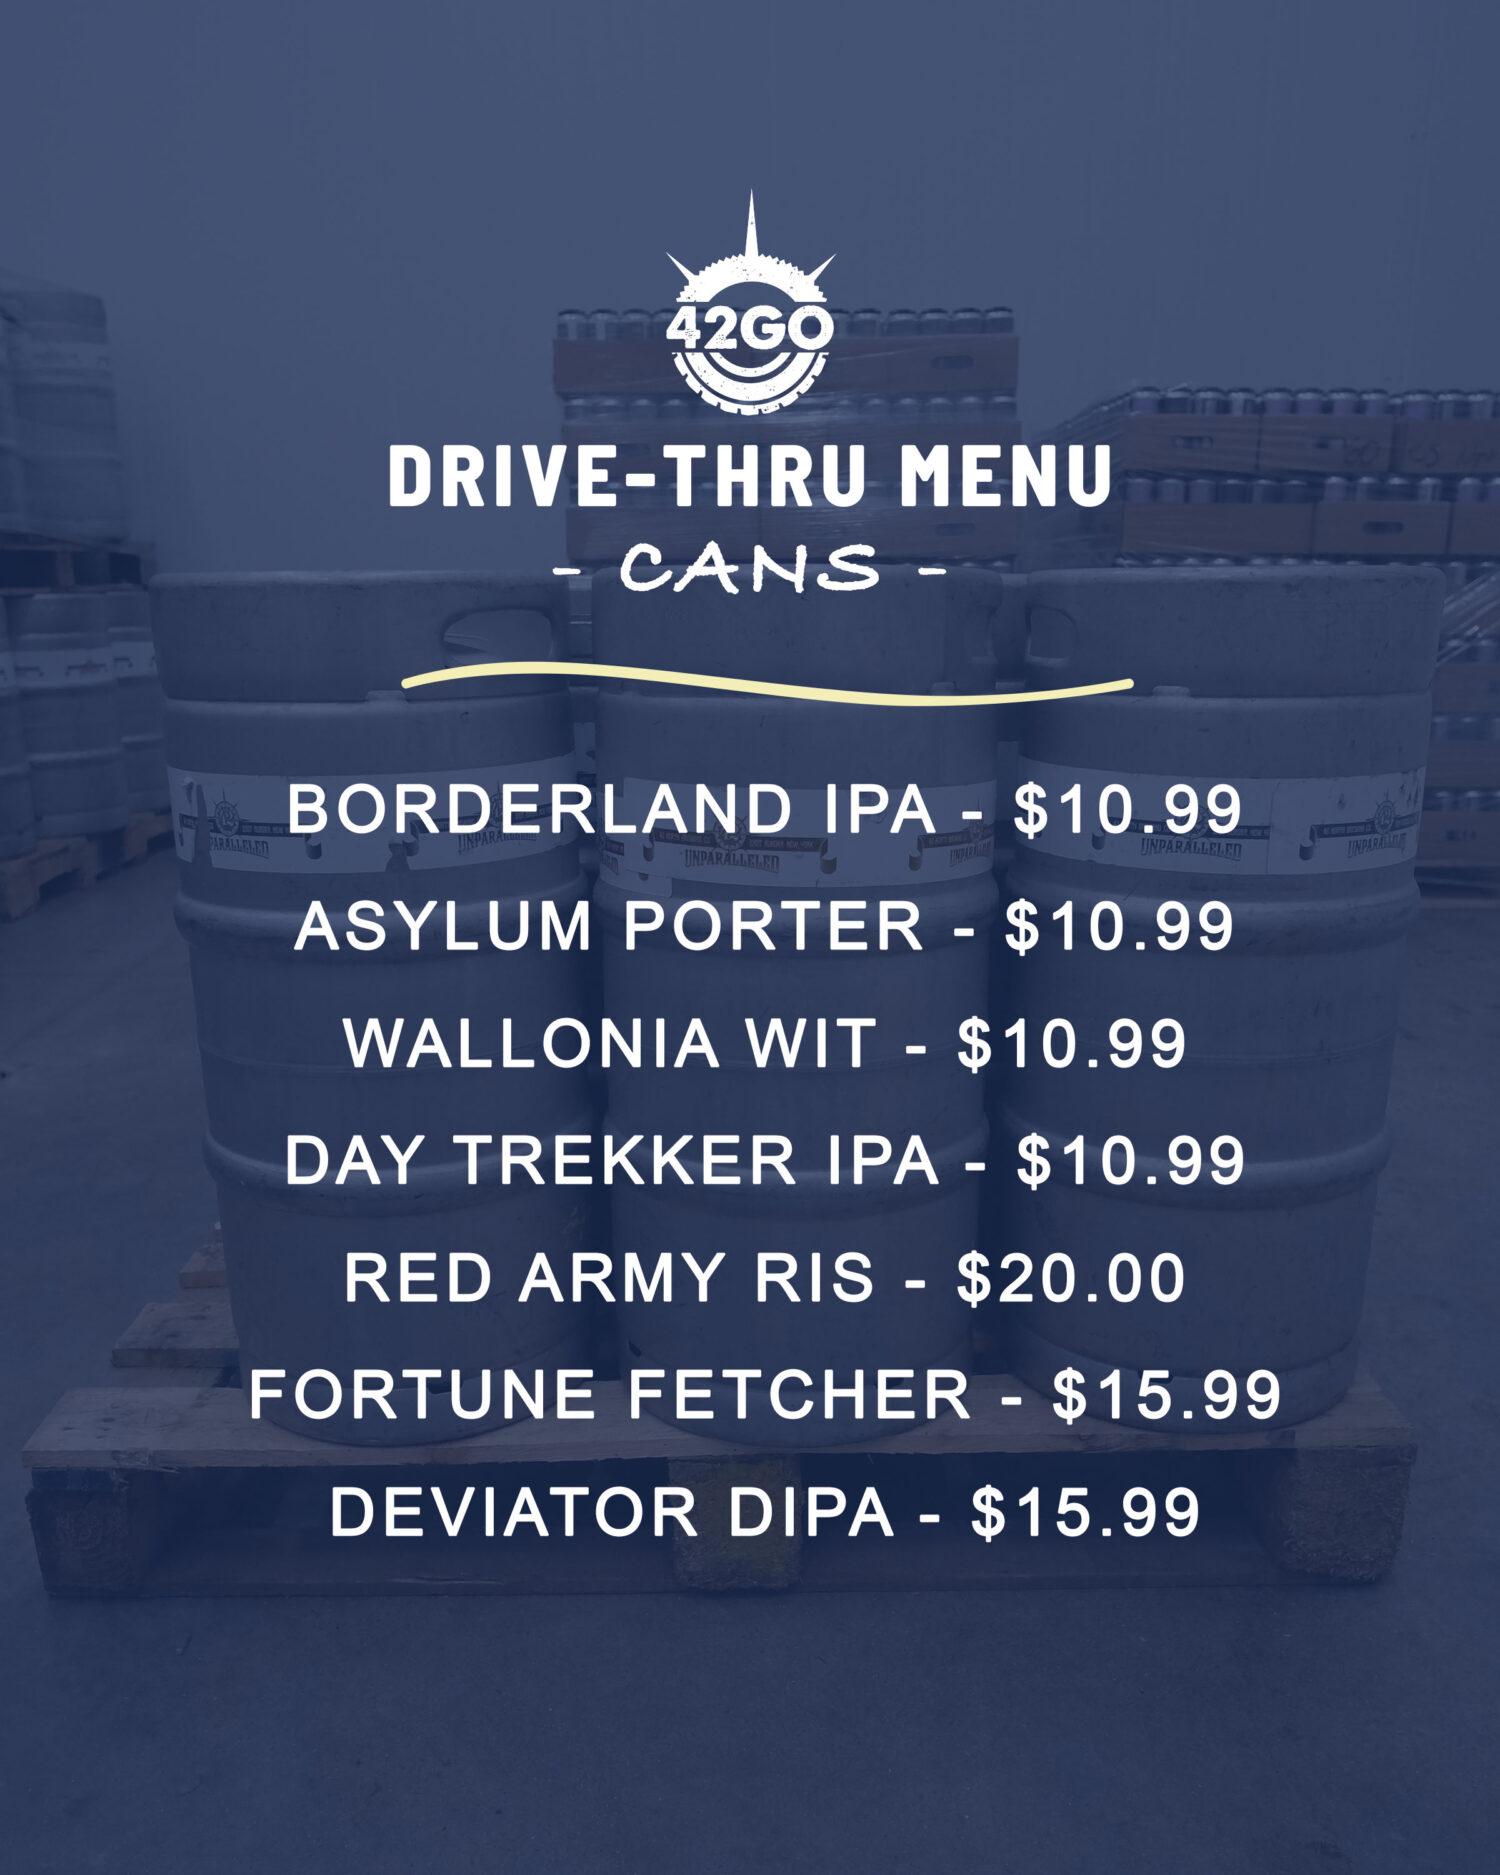 MENU_drive_thru_menu_cans